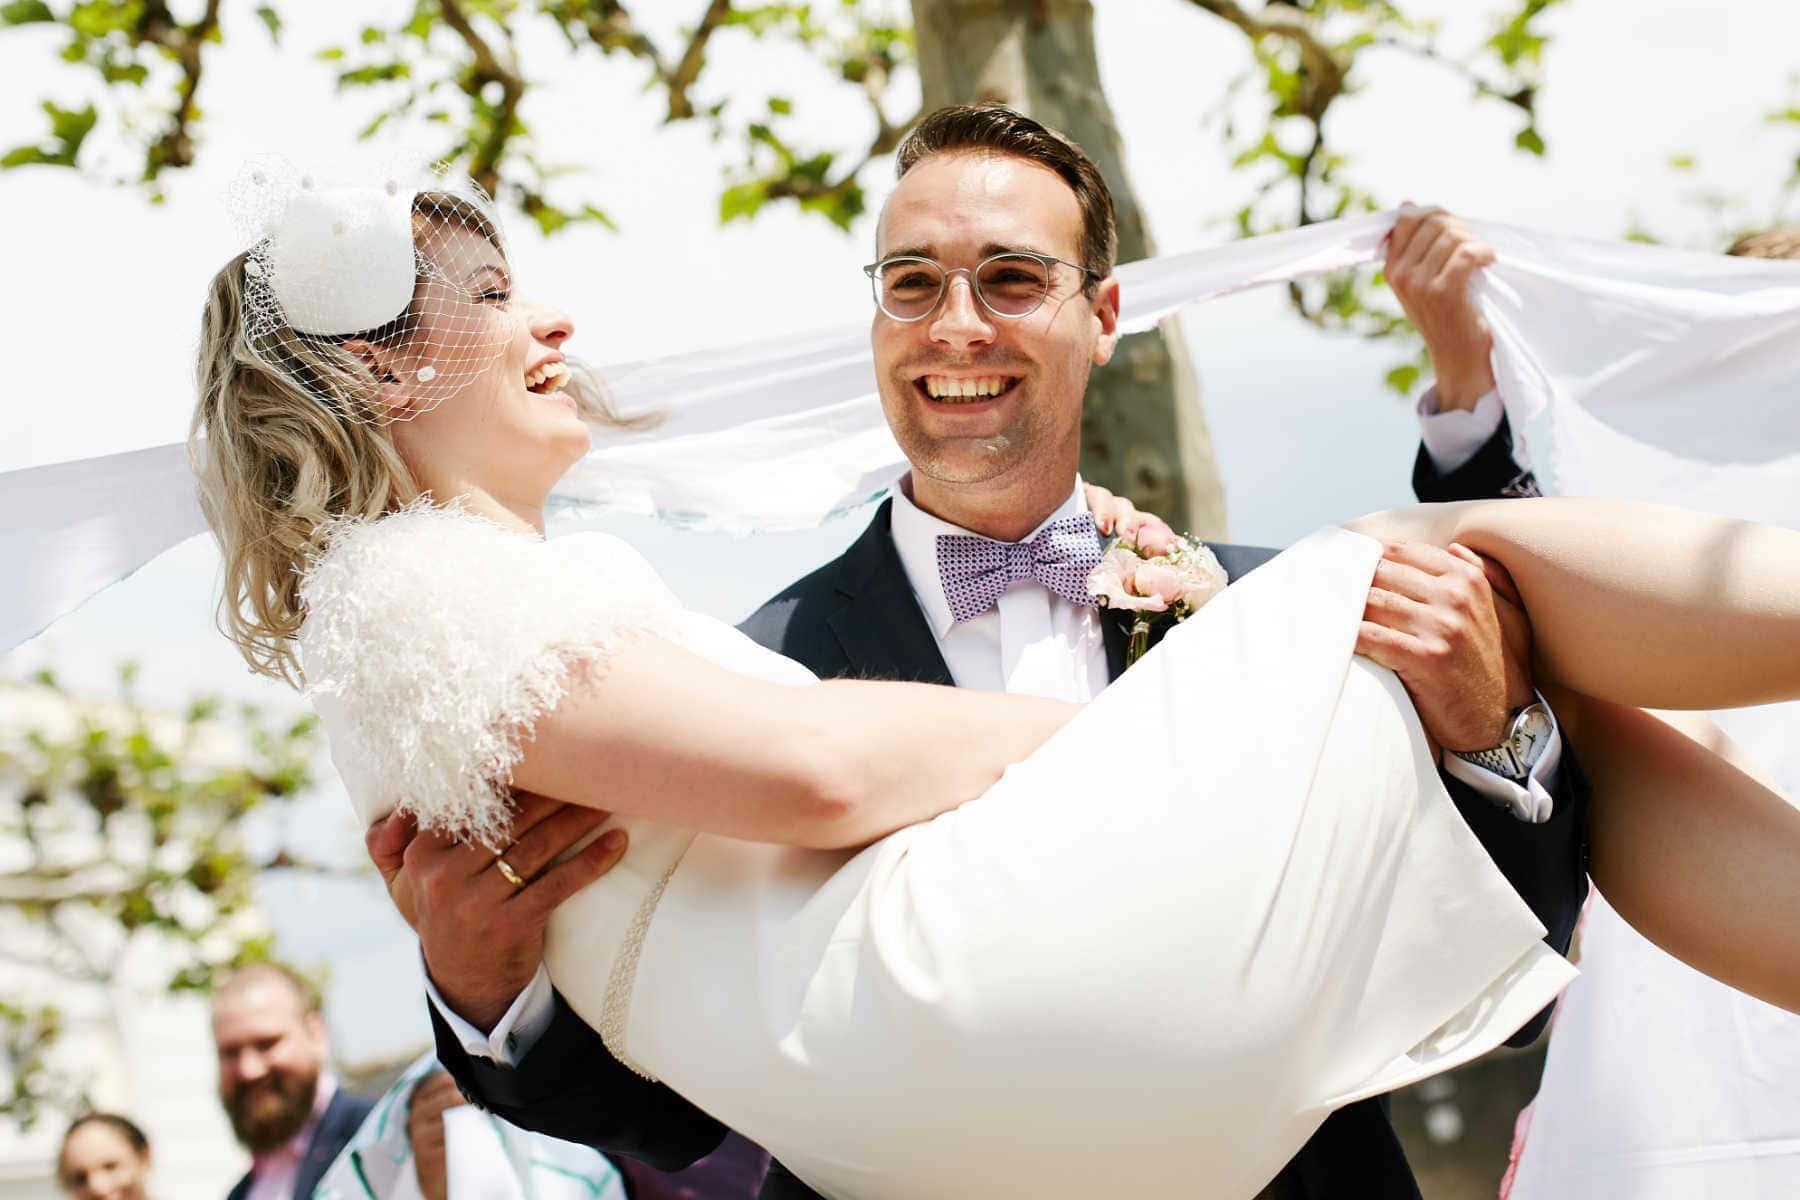 Pures Glück: Das Brautpaar nach der Trauung am Turm Jerusalem